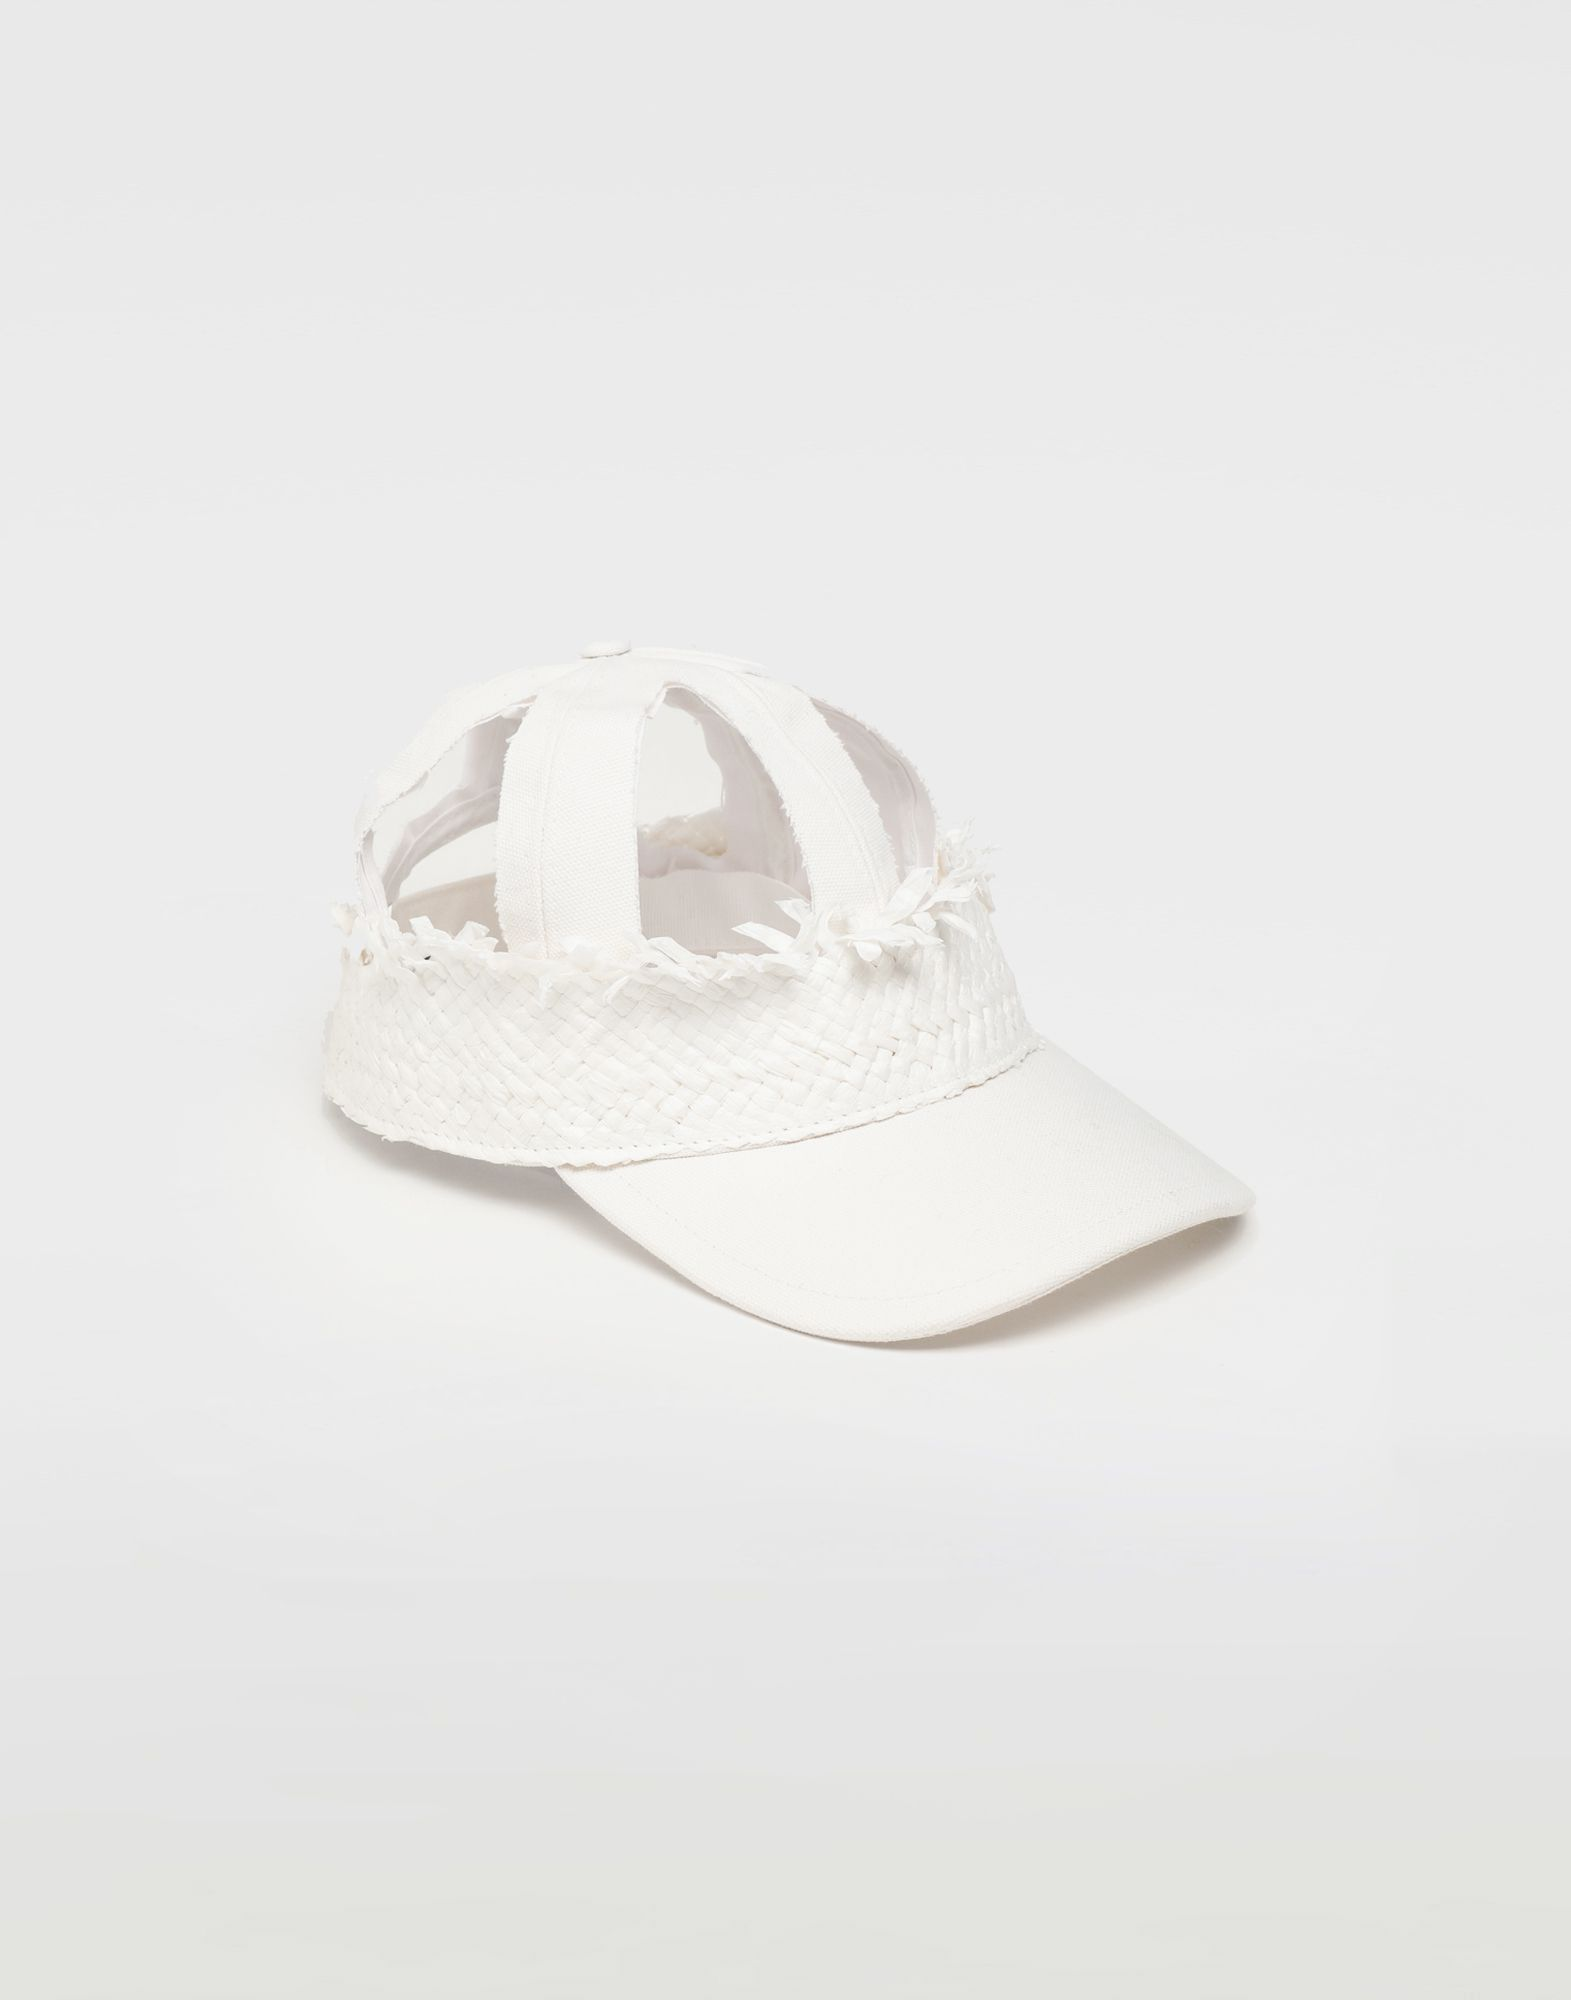 MAISON MARGIELA Décortiqué raphia cap Hats and Caps Man f